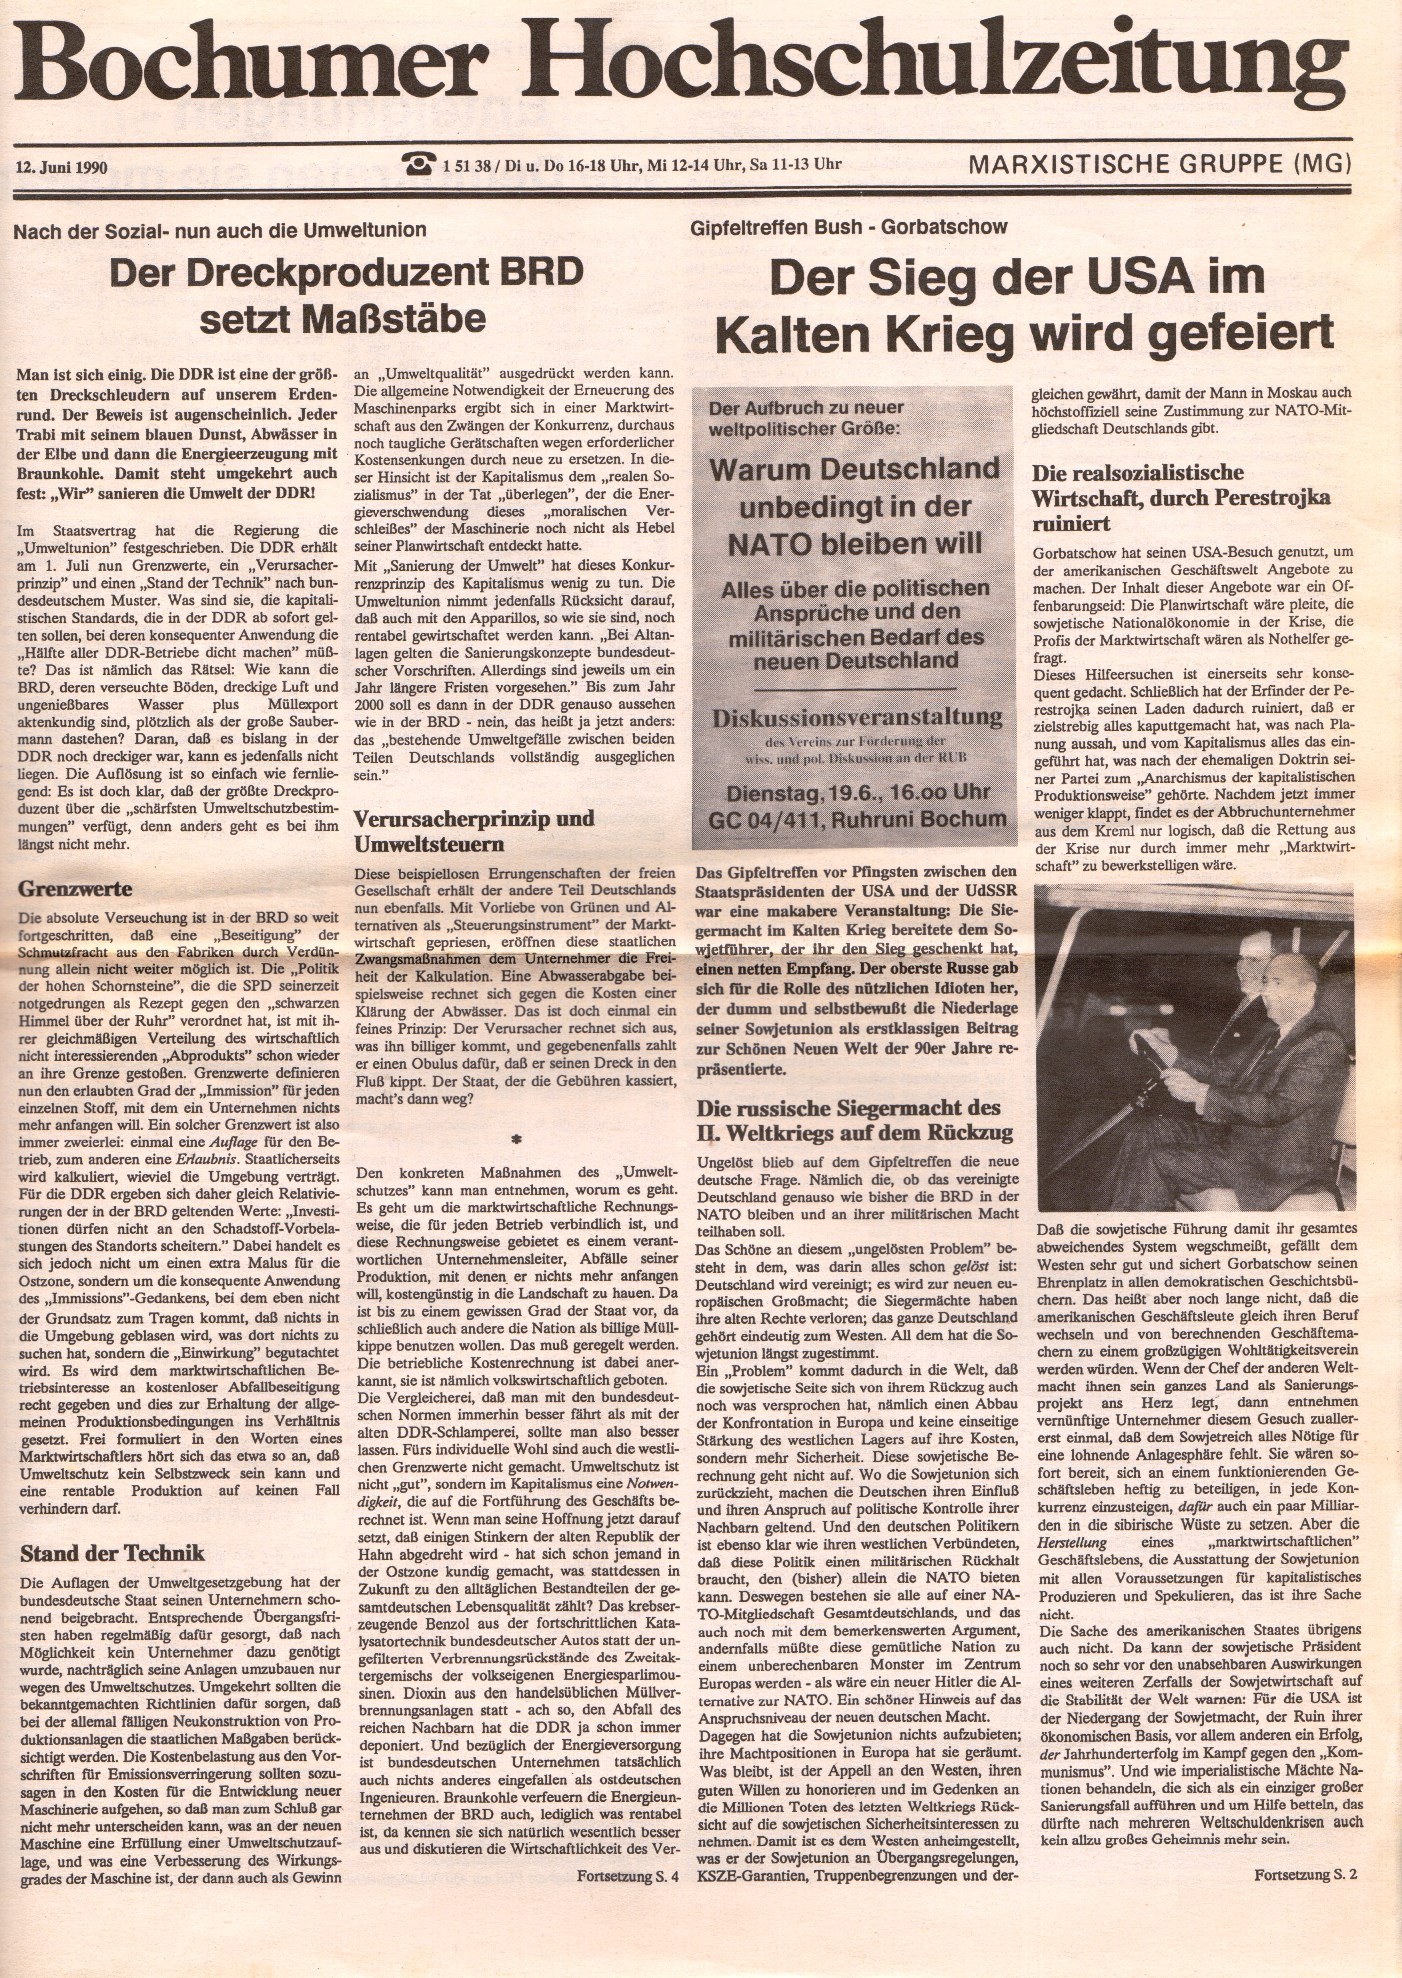 MG_Bochumer_Hochschulzeitung_19900612_01